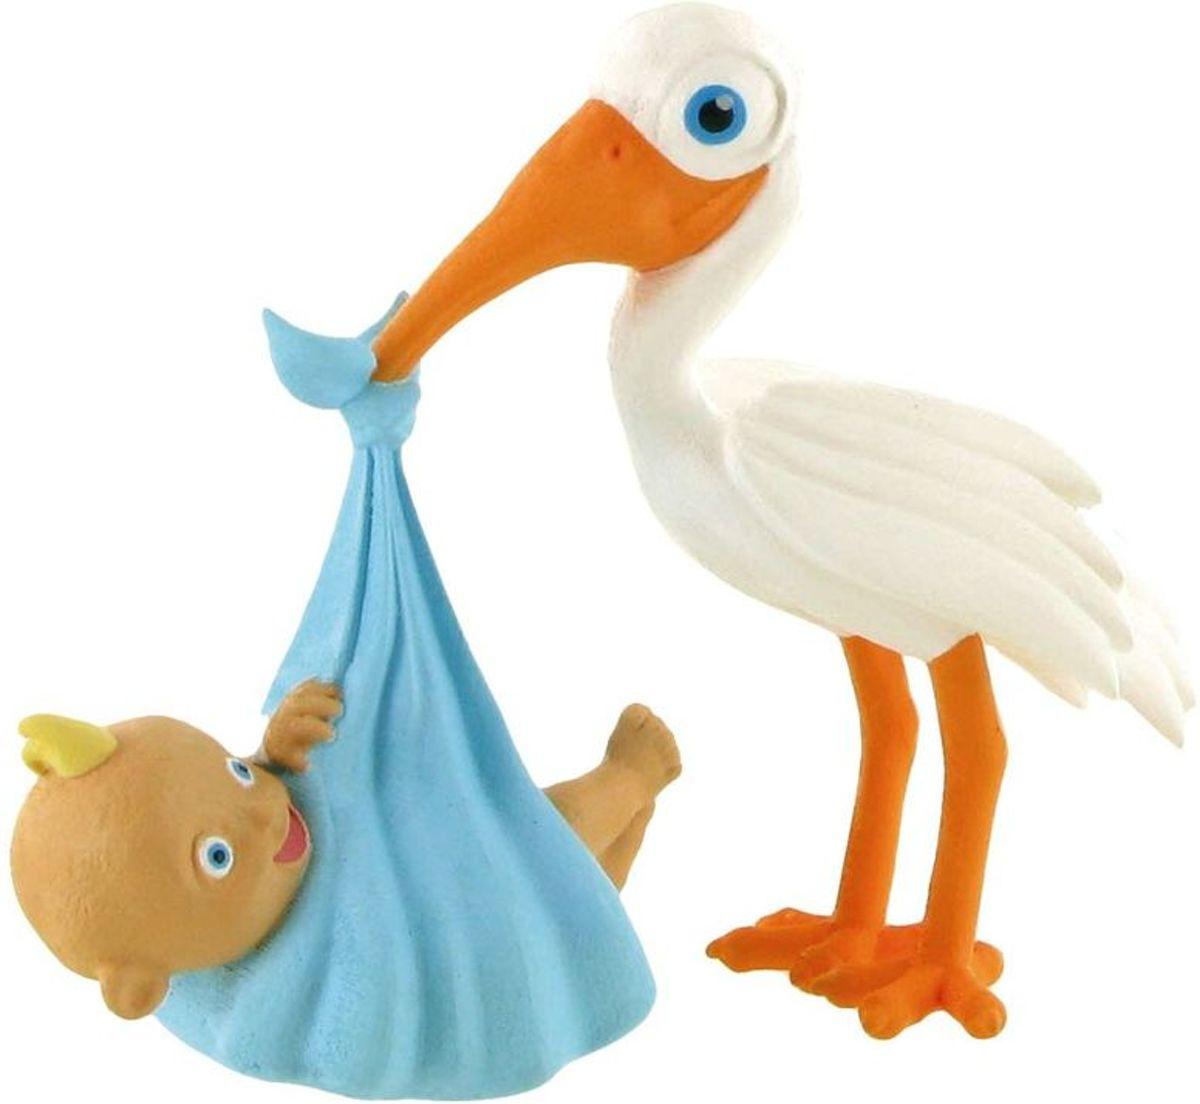 Figuurtje Ooievaar brengt baby boy - 8 x 9 cm